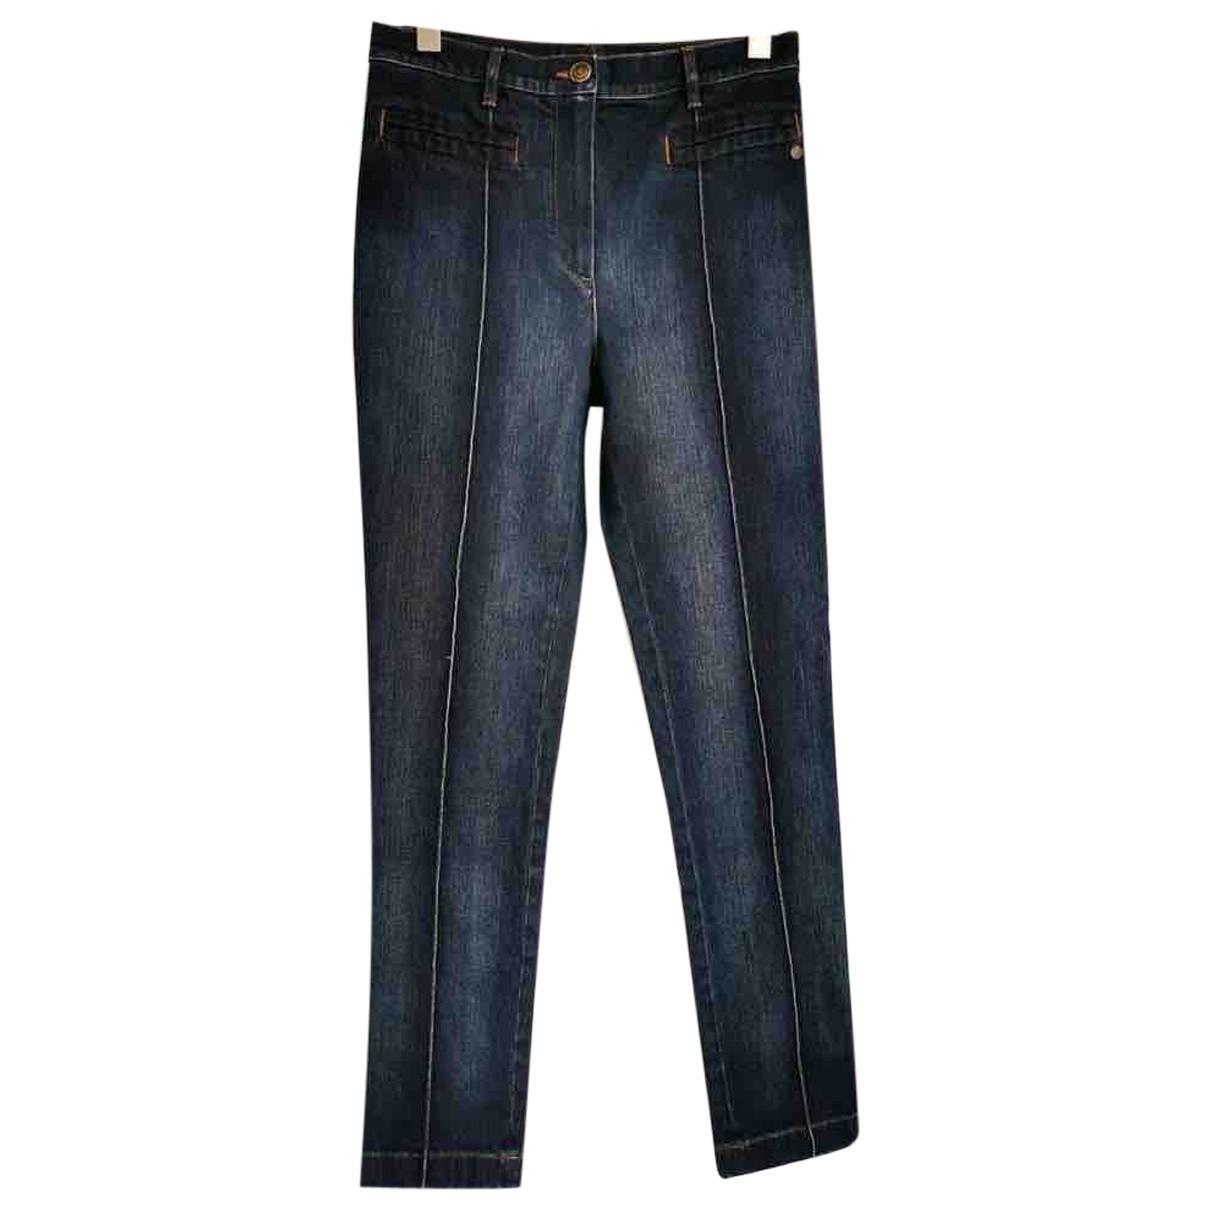 Chanel \N Navy Denim - Jeans Trousers for Women 40 IT